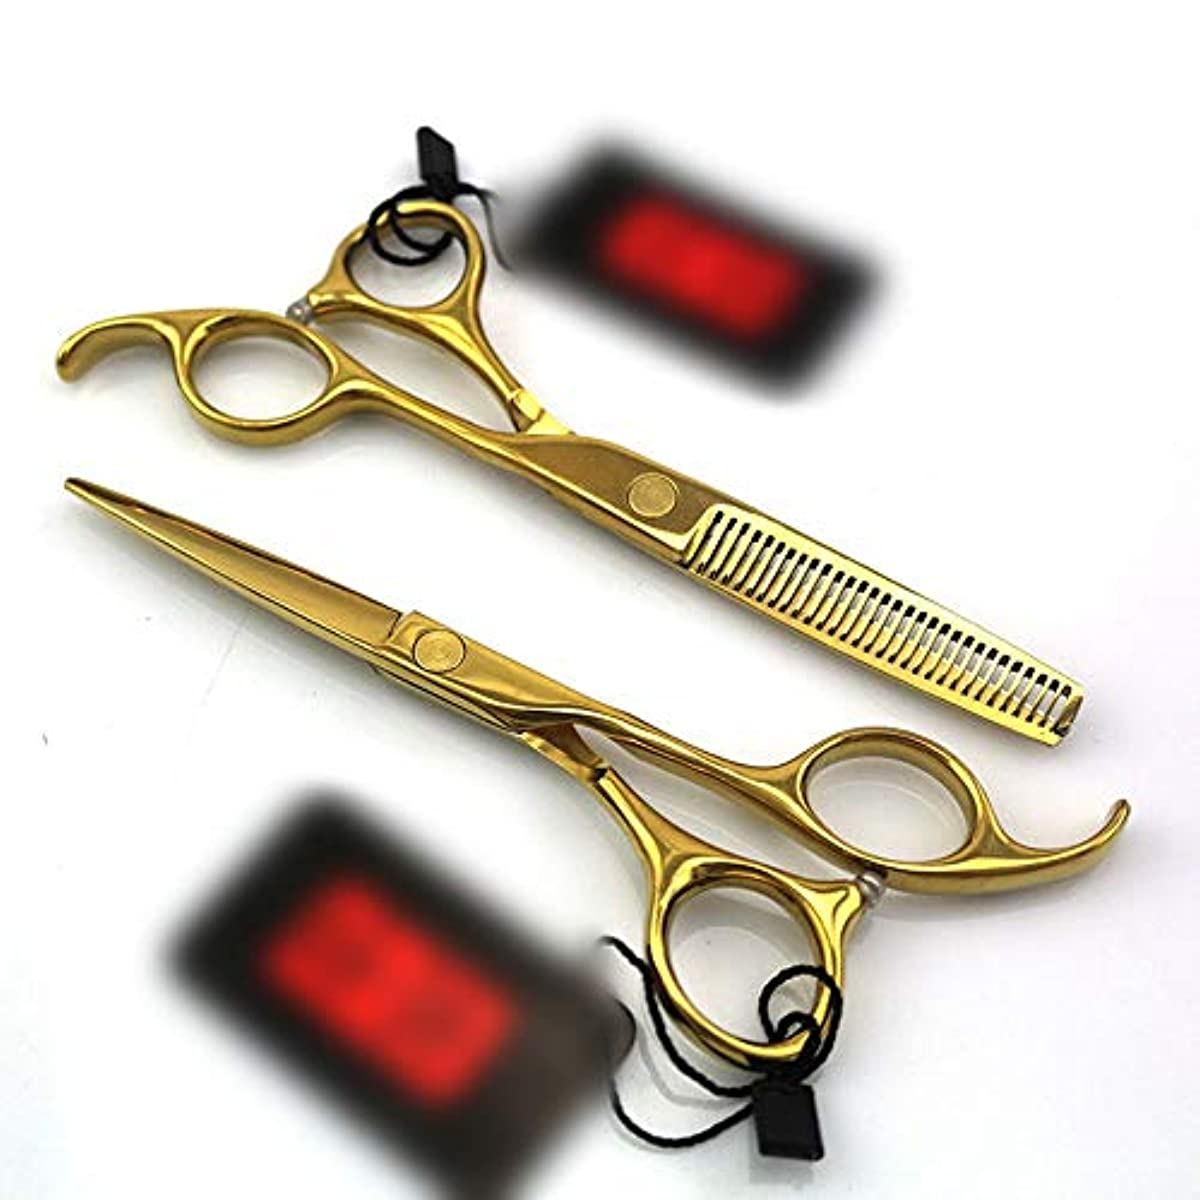 泣いているよろめく砂の5.5インチのまっすぐなハンドルの理髪師のめっきの金の専門の理髪セット ヘアケア (色 : ゴールド)